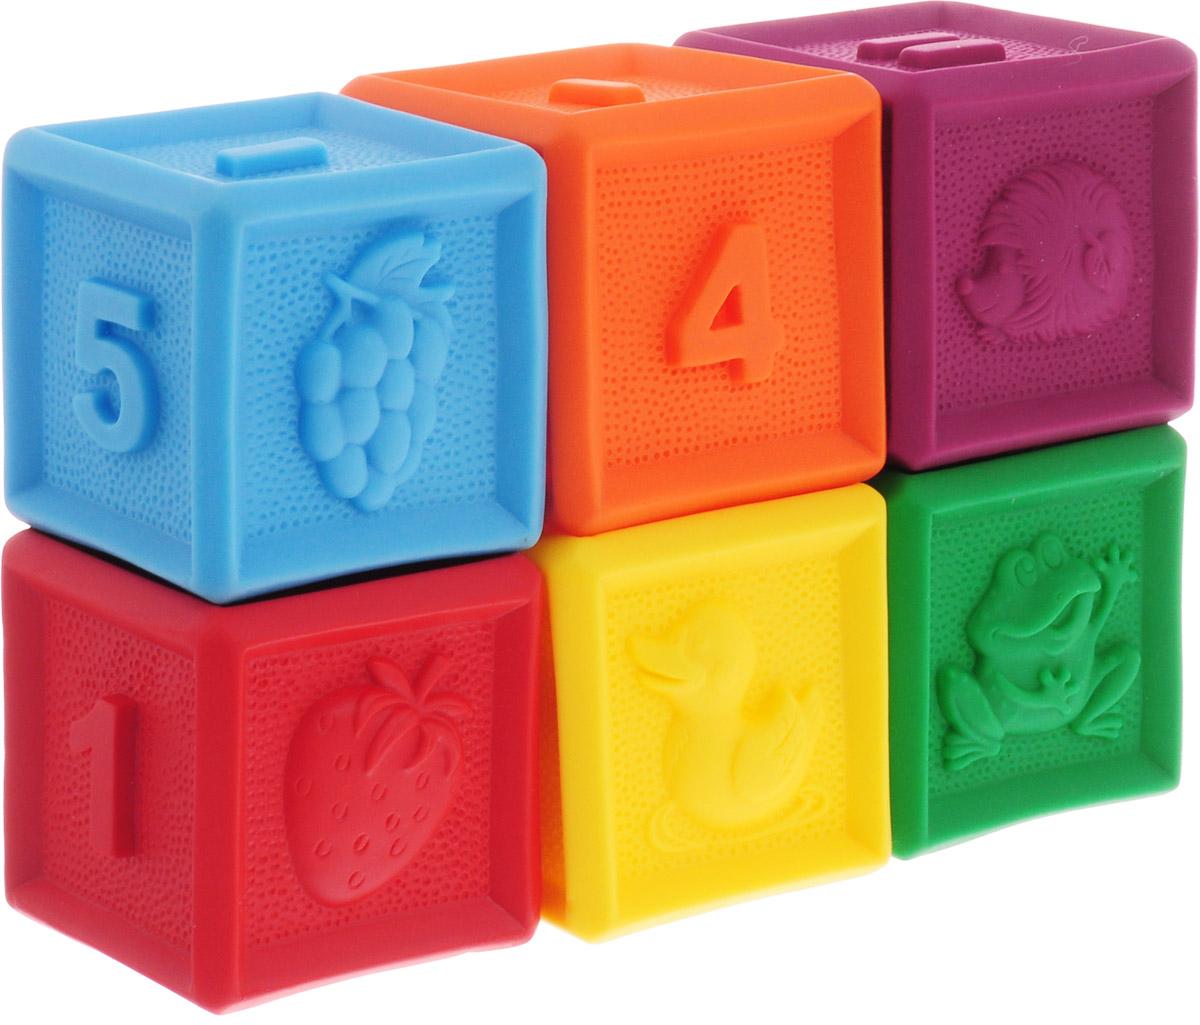 Весна Умные кубики, ОАО Весна